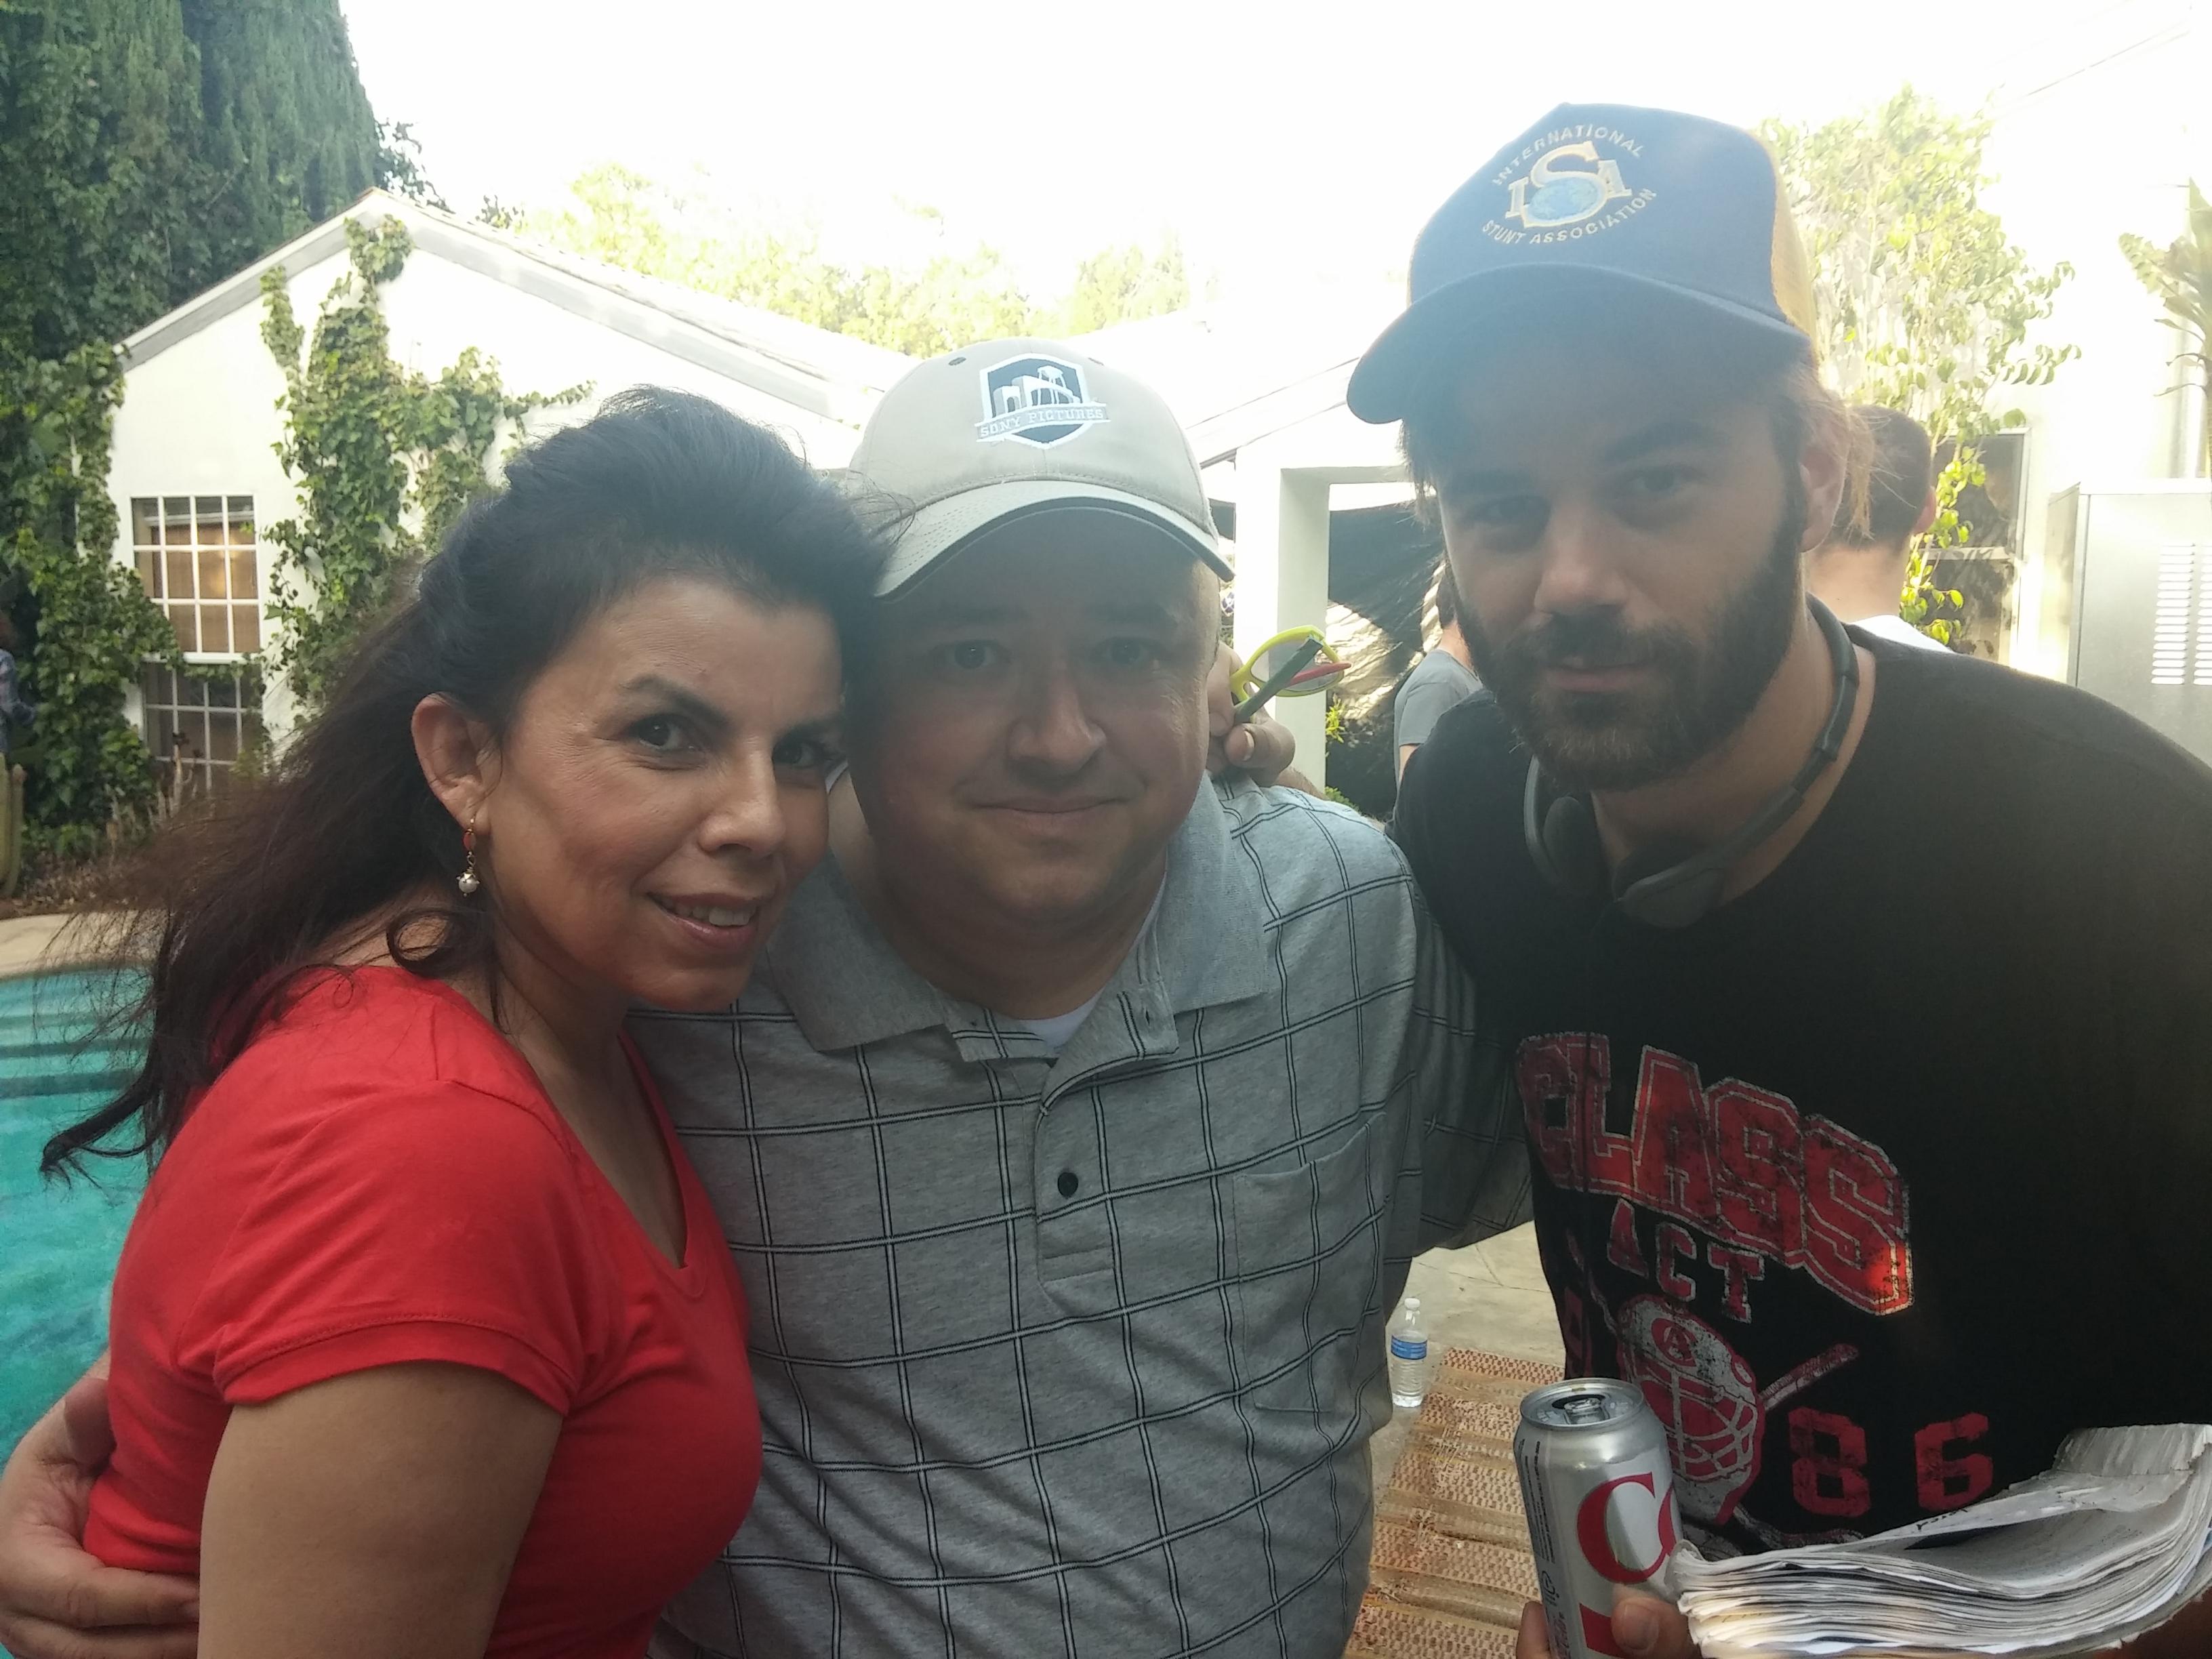 Marilyn Ghigliotti, Gabe, Jared